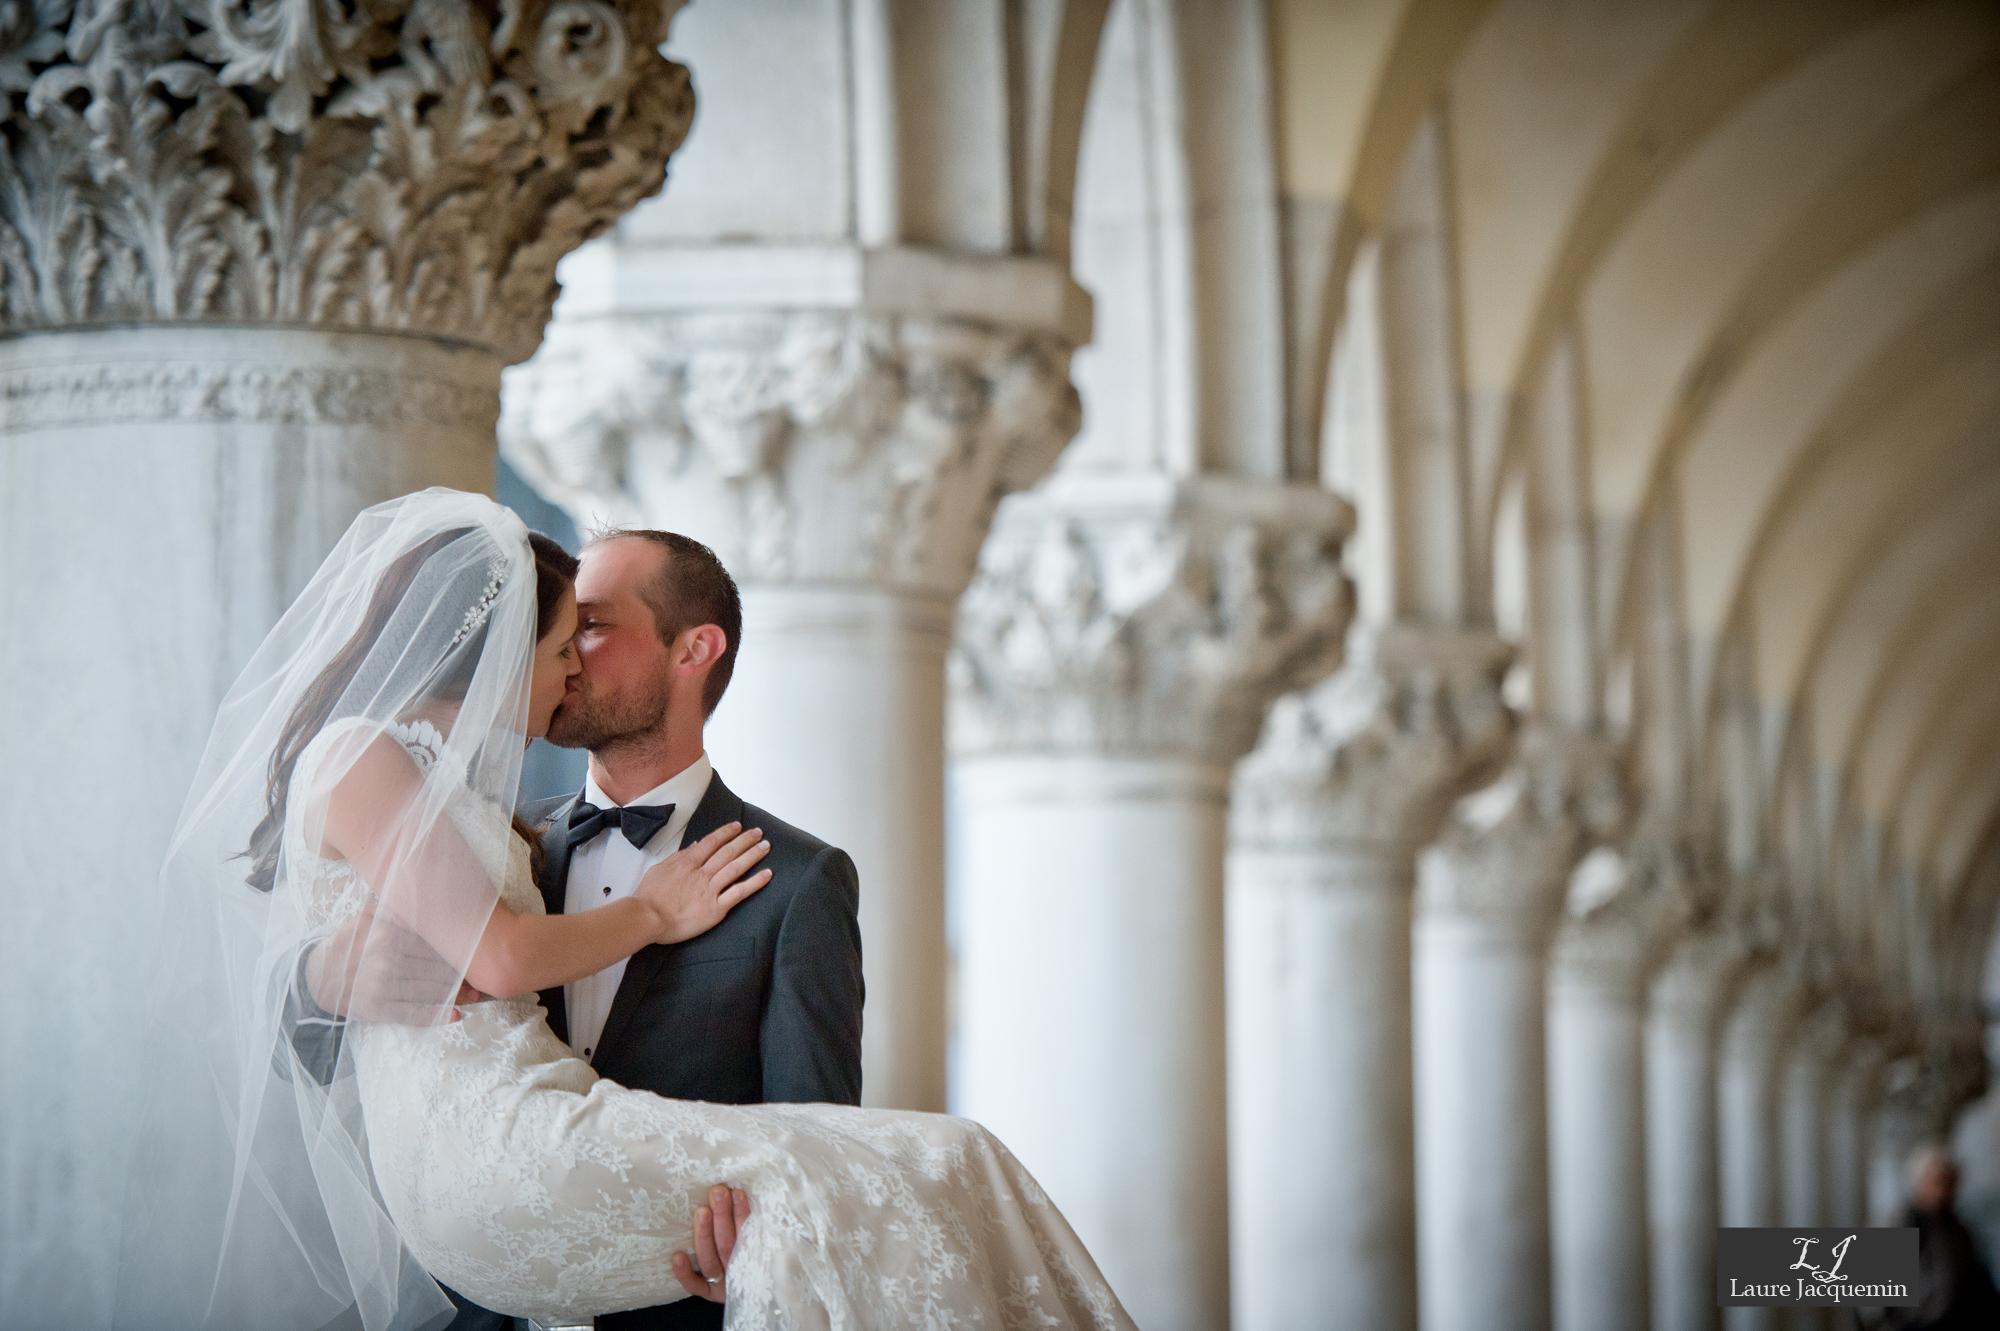 photographe mariage laure jacquemin palazzo cavalli service photographique (87)